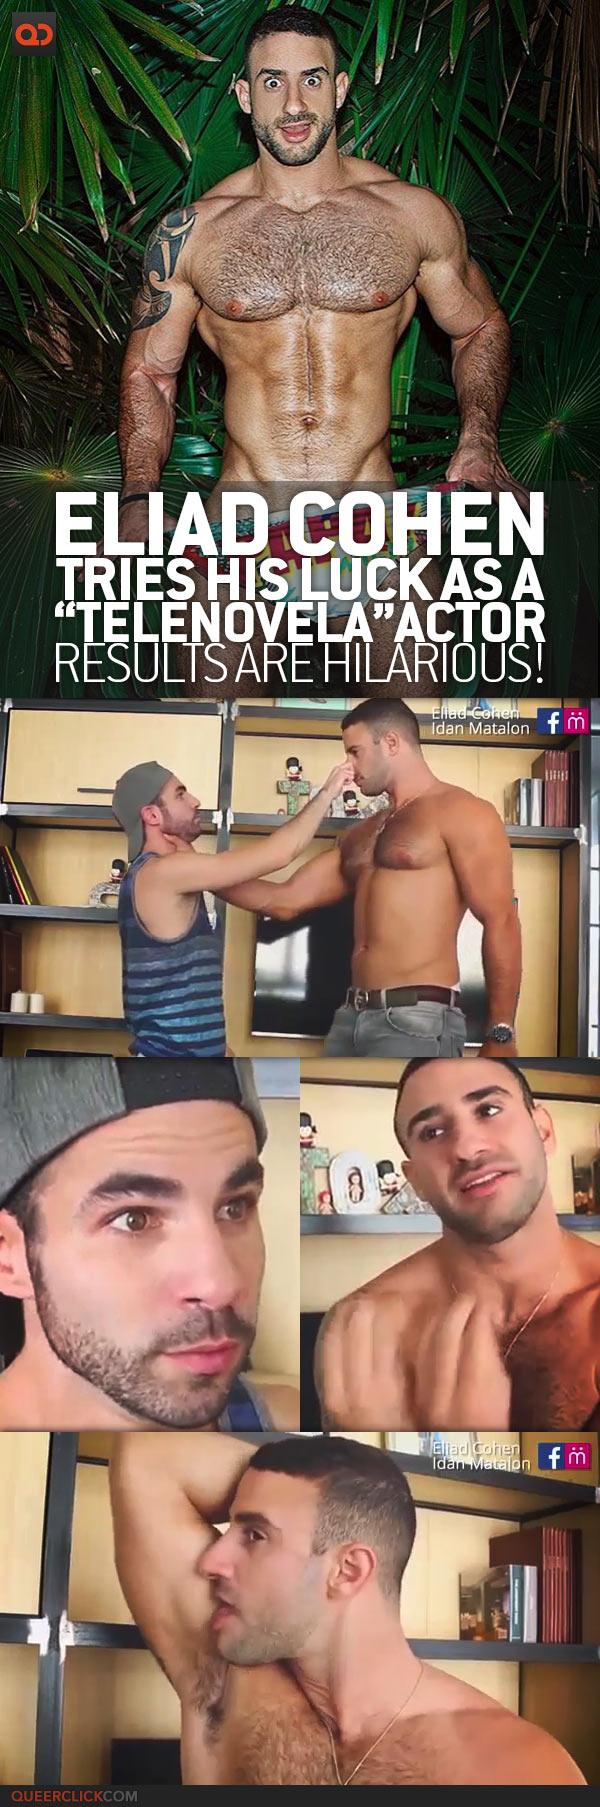 Peliculas porno eliad cohen Eliad Cohen Tries His Luck As A Telenovela Actor Results Are Hilarious Queerclick